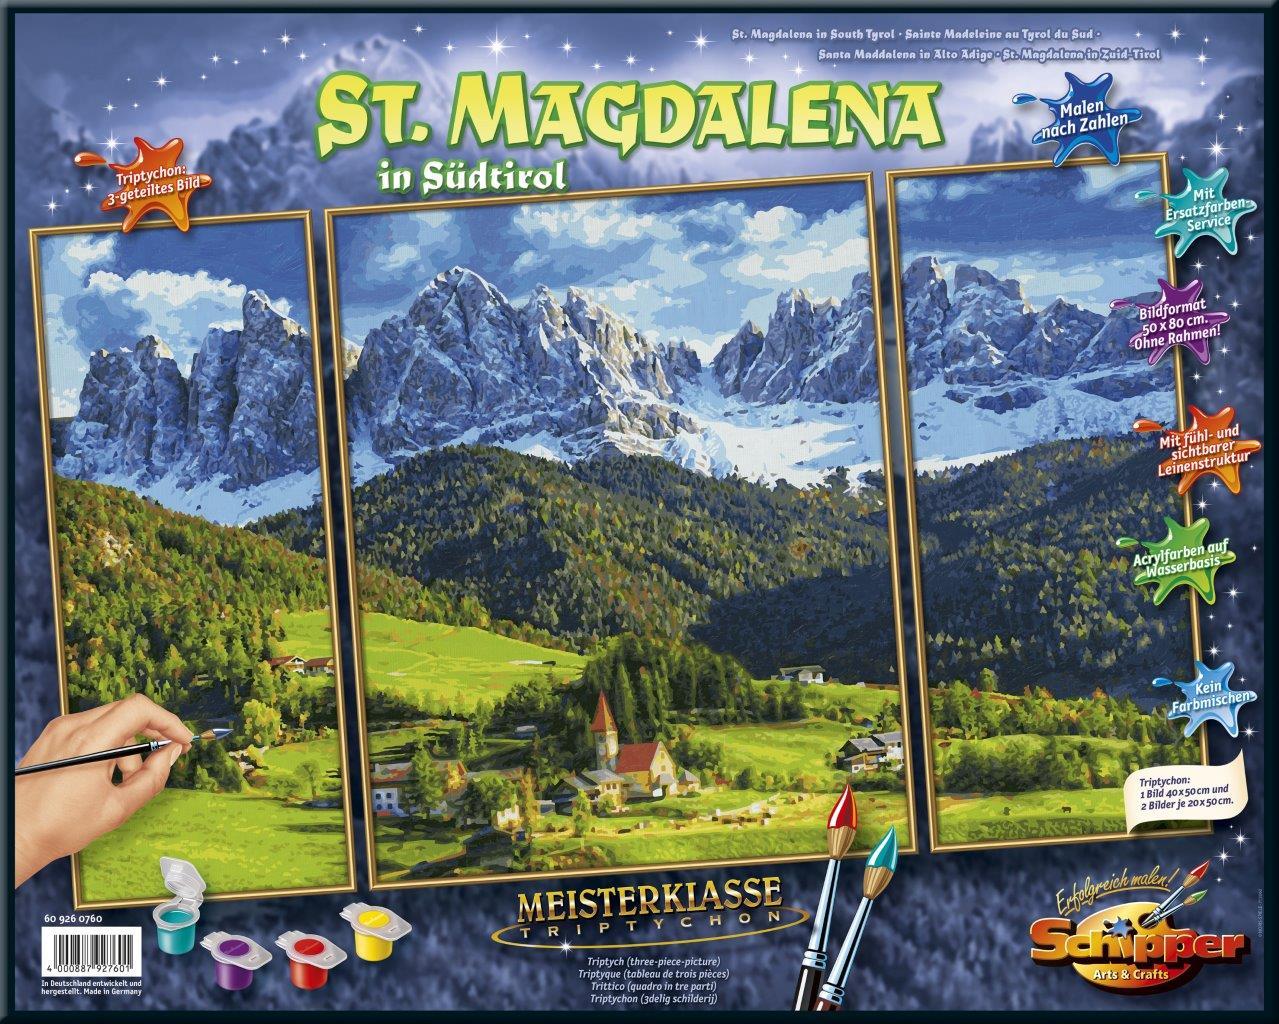 MNZ - St.Magdalena in Südtirol